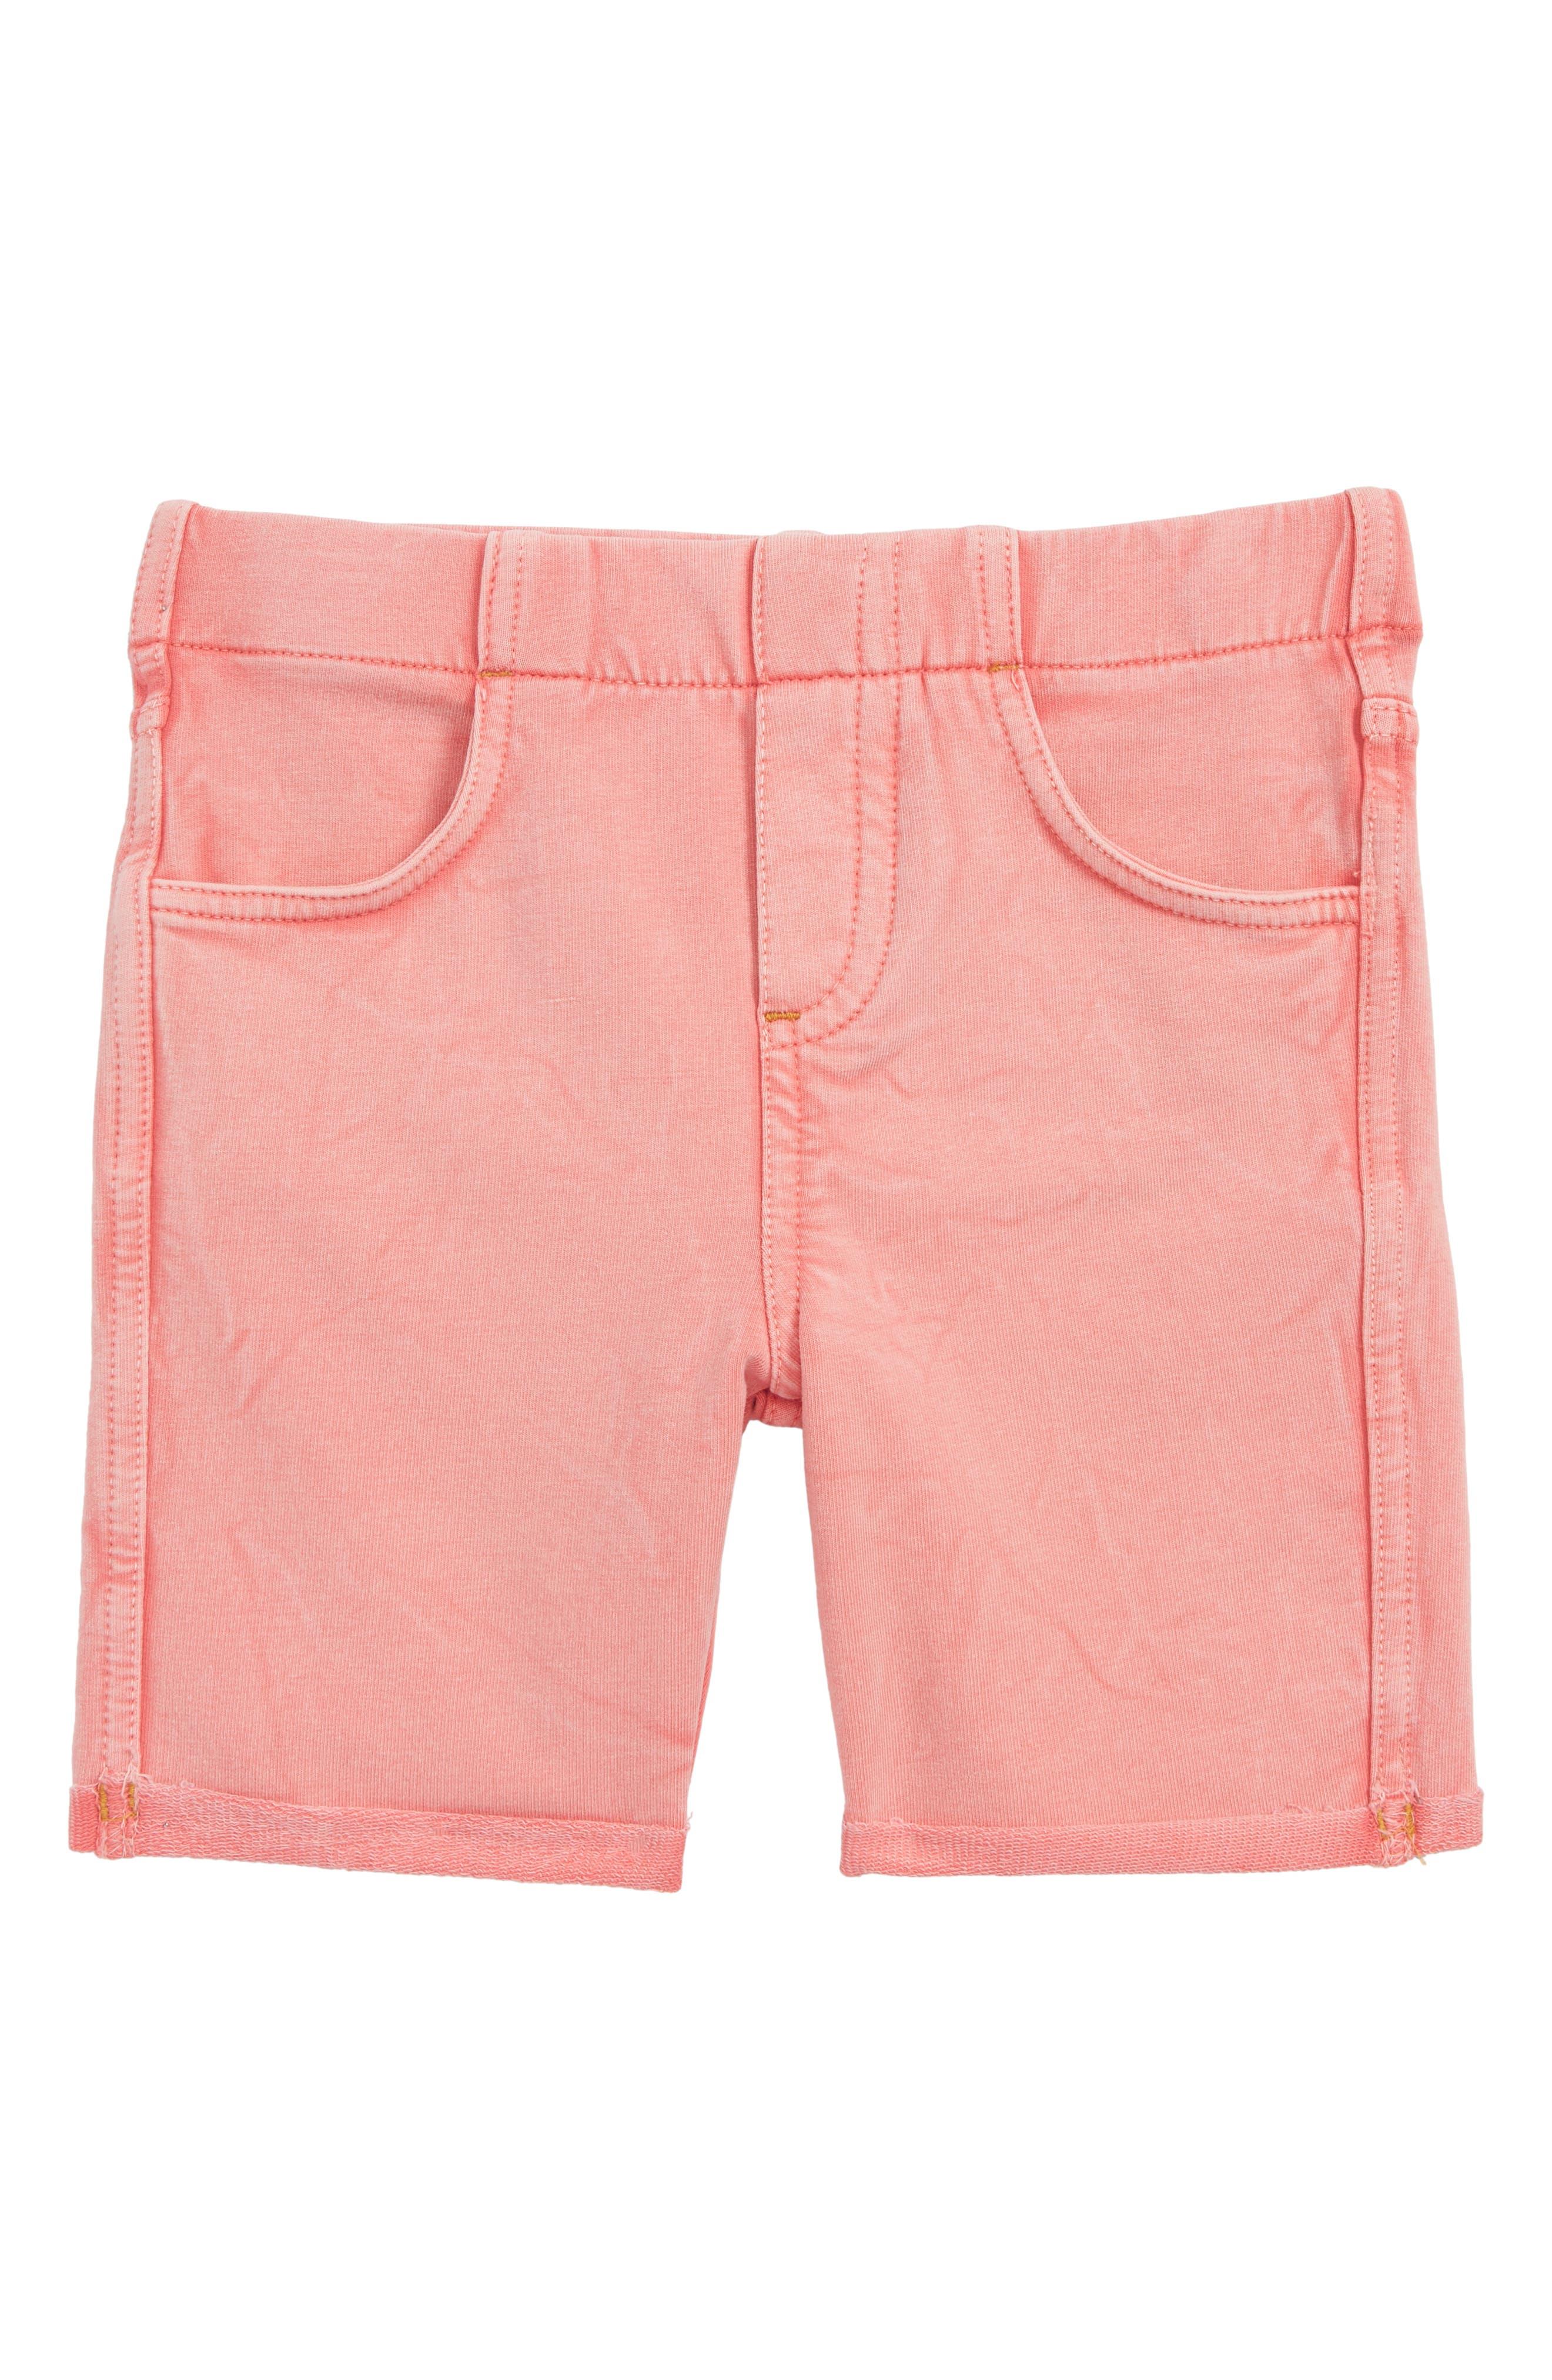 'Jenna' Jegging Shorts,                         Main,                         color, Coral Shell Wash